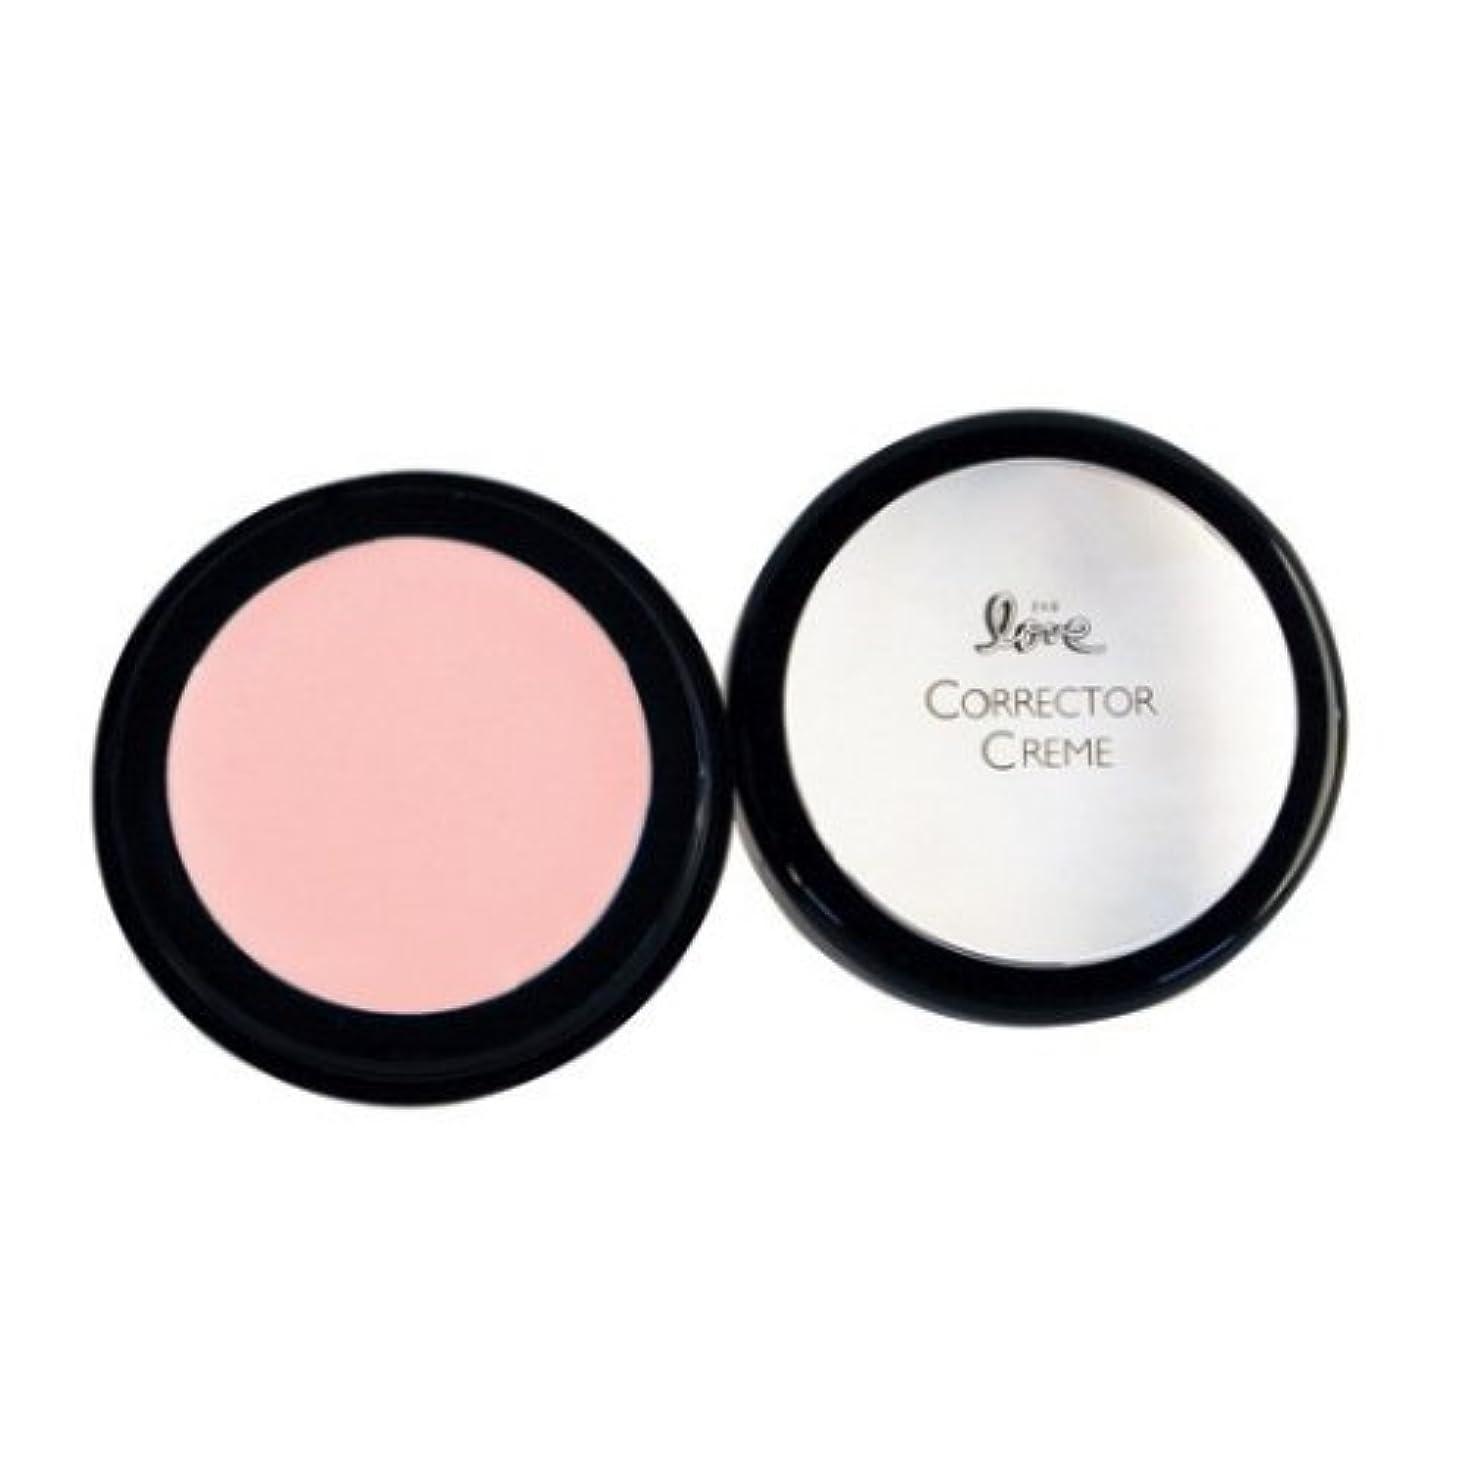 満足できる兵隊販売員BEAUTY TREATS 2nd Love Corrector Creme - Pink (並行輸入品)